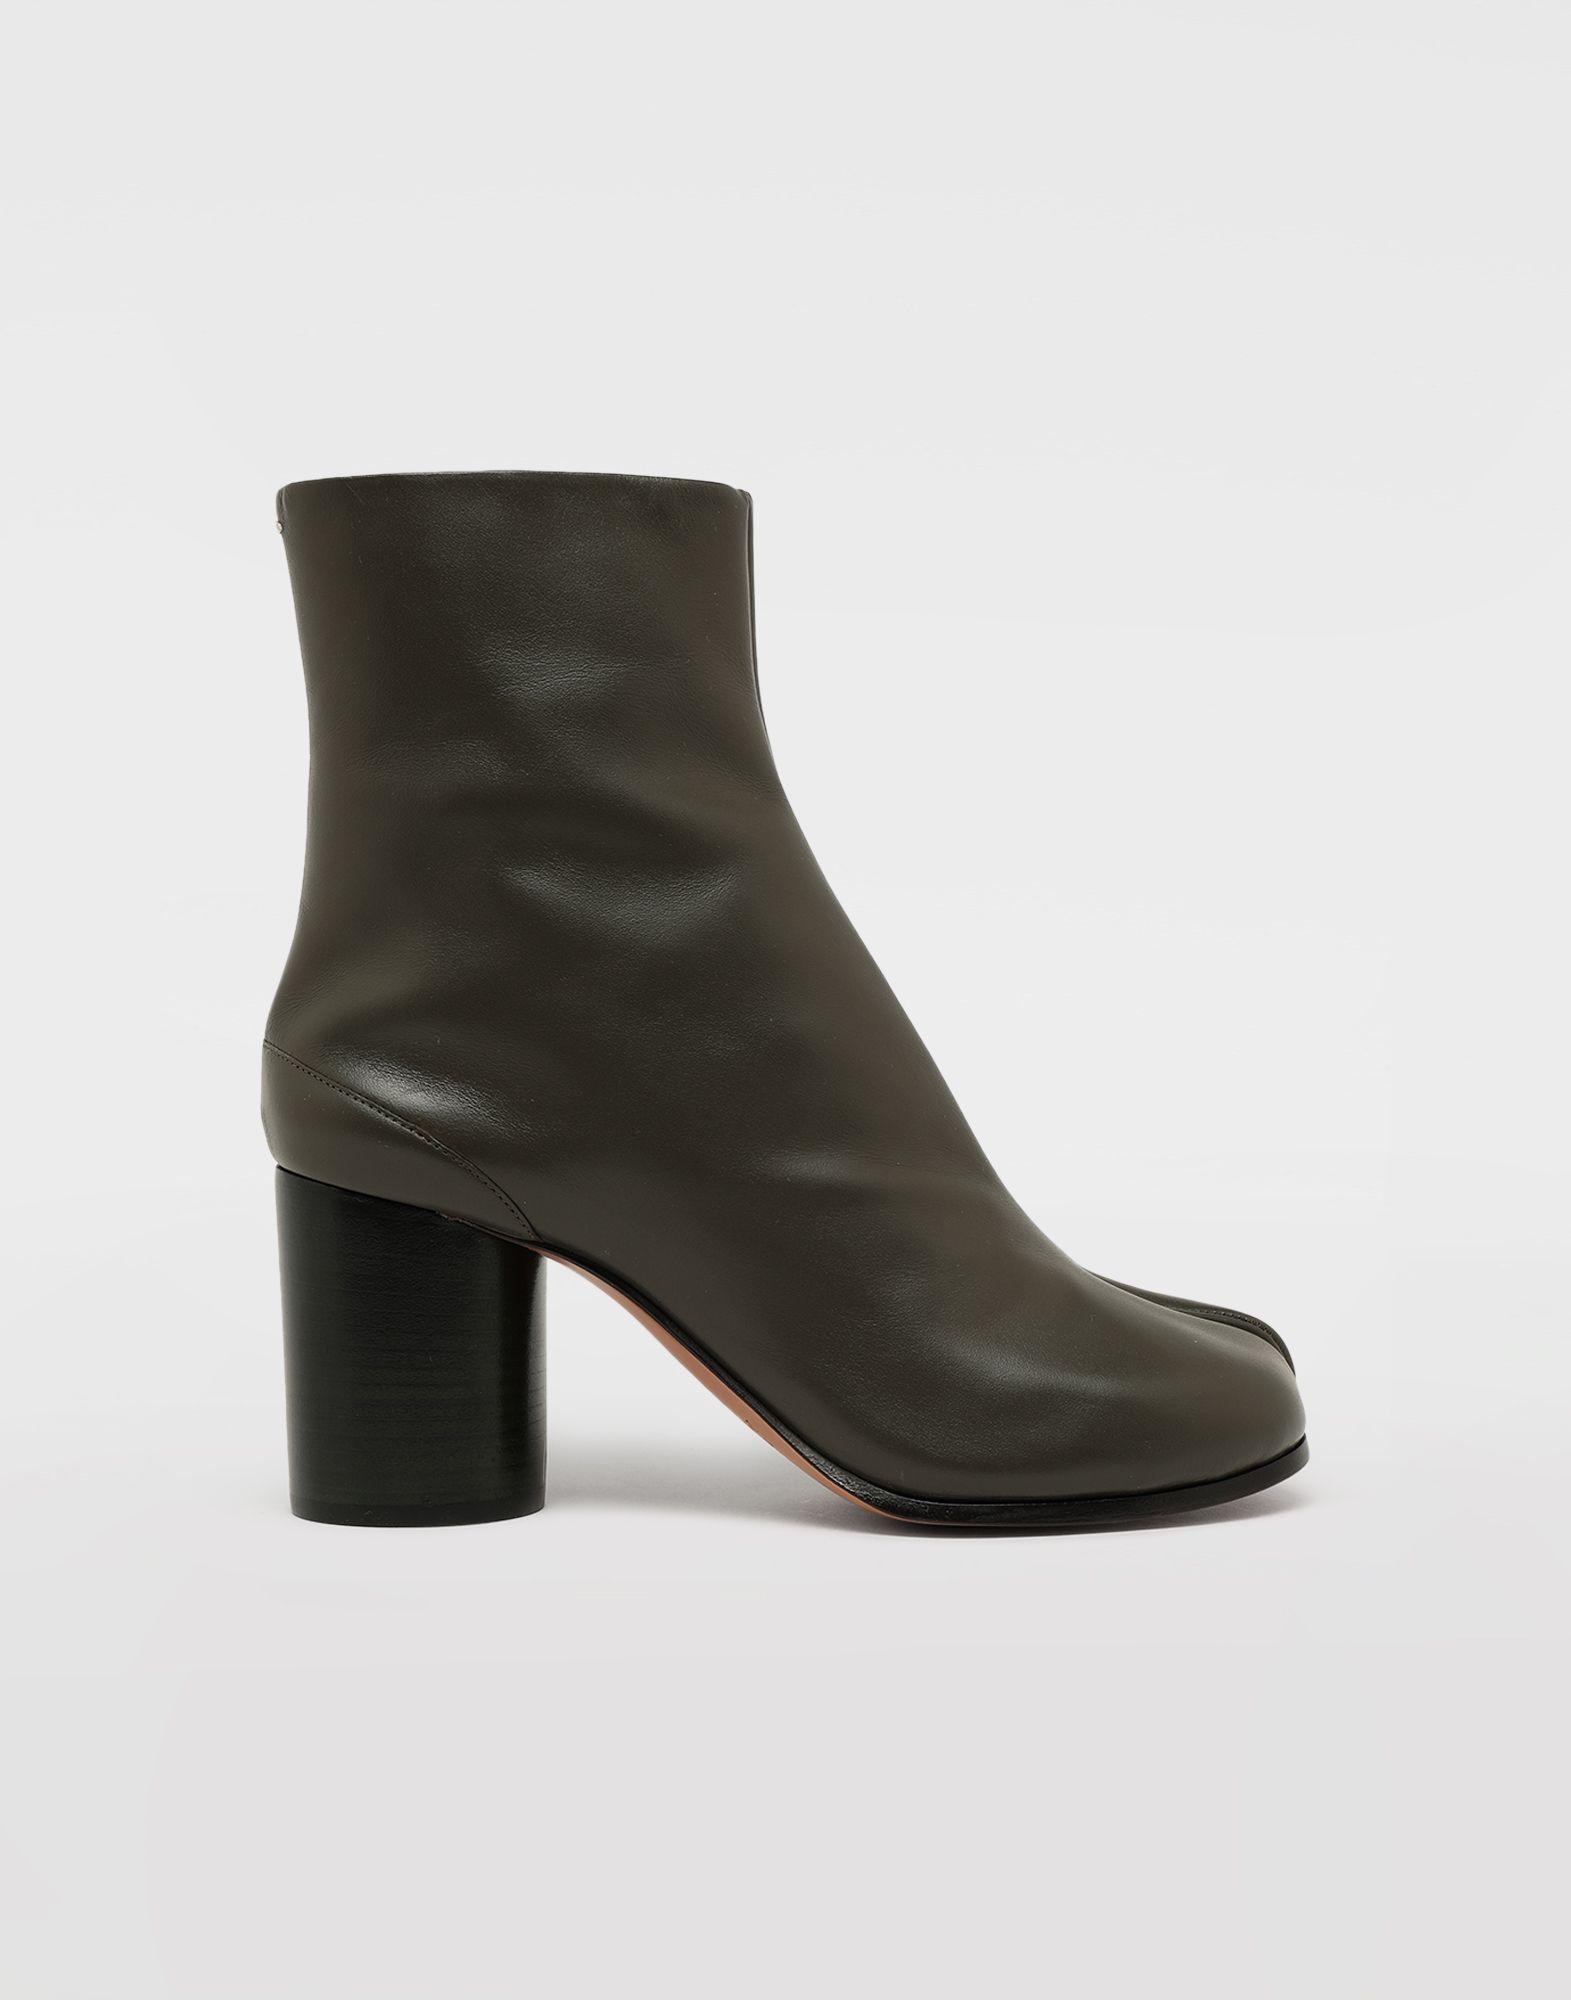 MAISON MARGIELA Bottes «Tabi» en cuir de veau Bottines Femme f